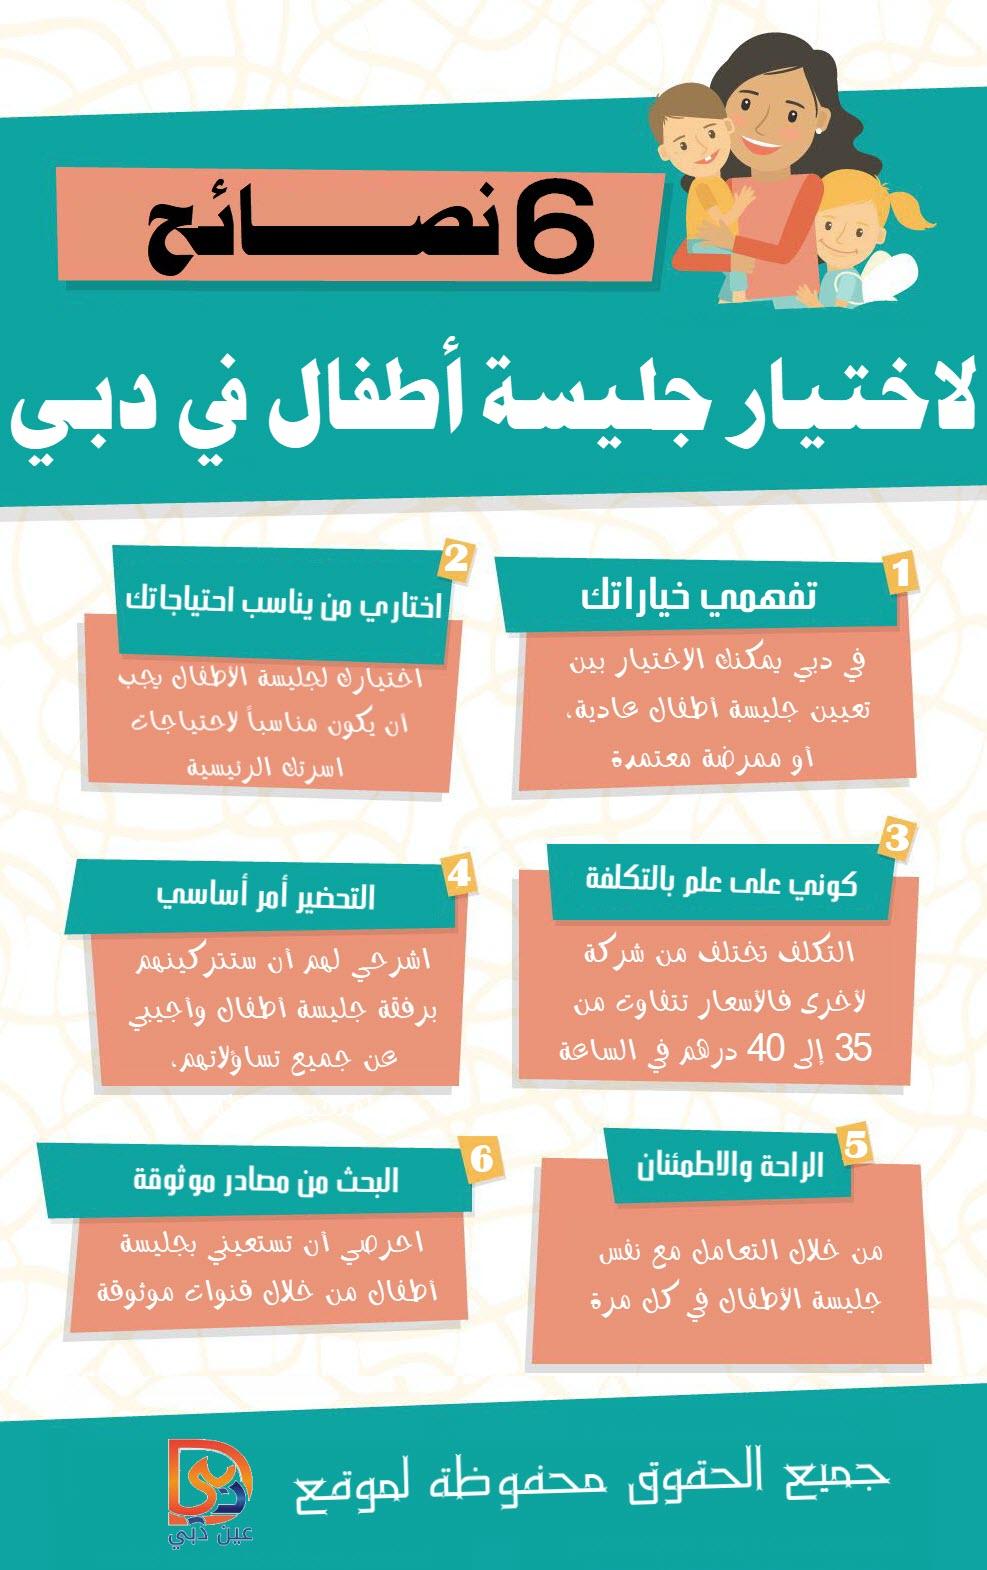 نصائح مهمة لاختيار جليسة أطفال في دبي